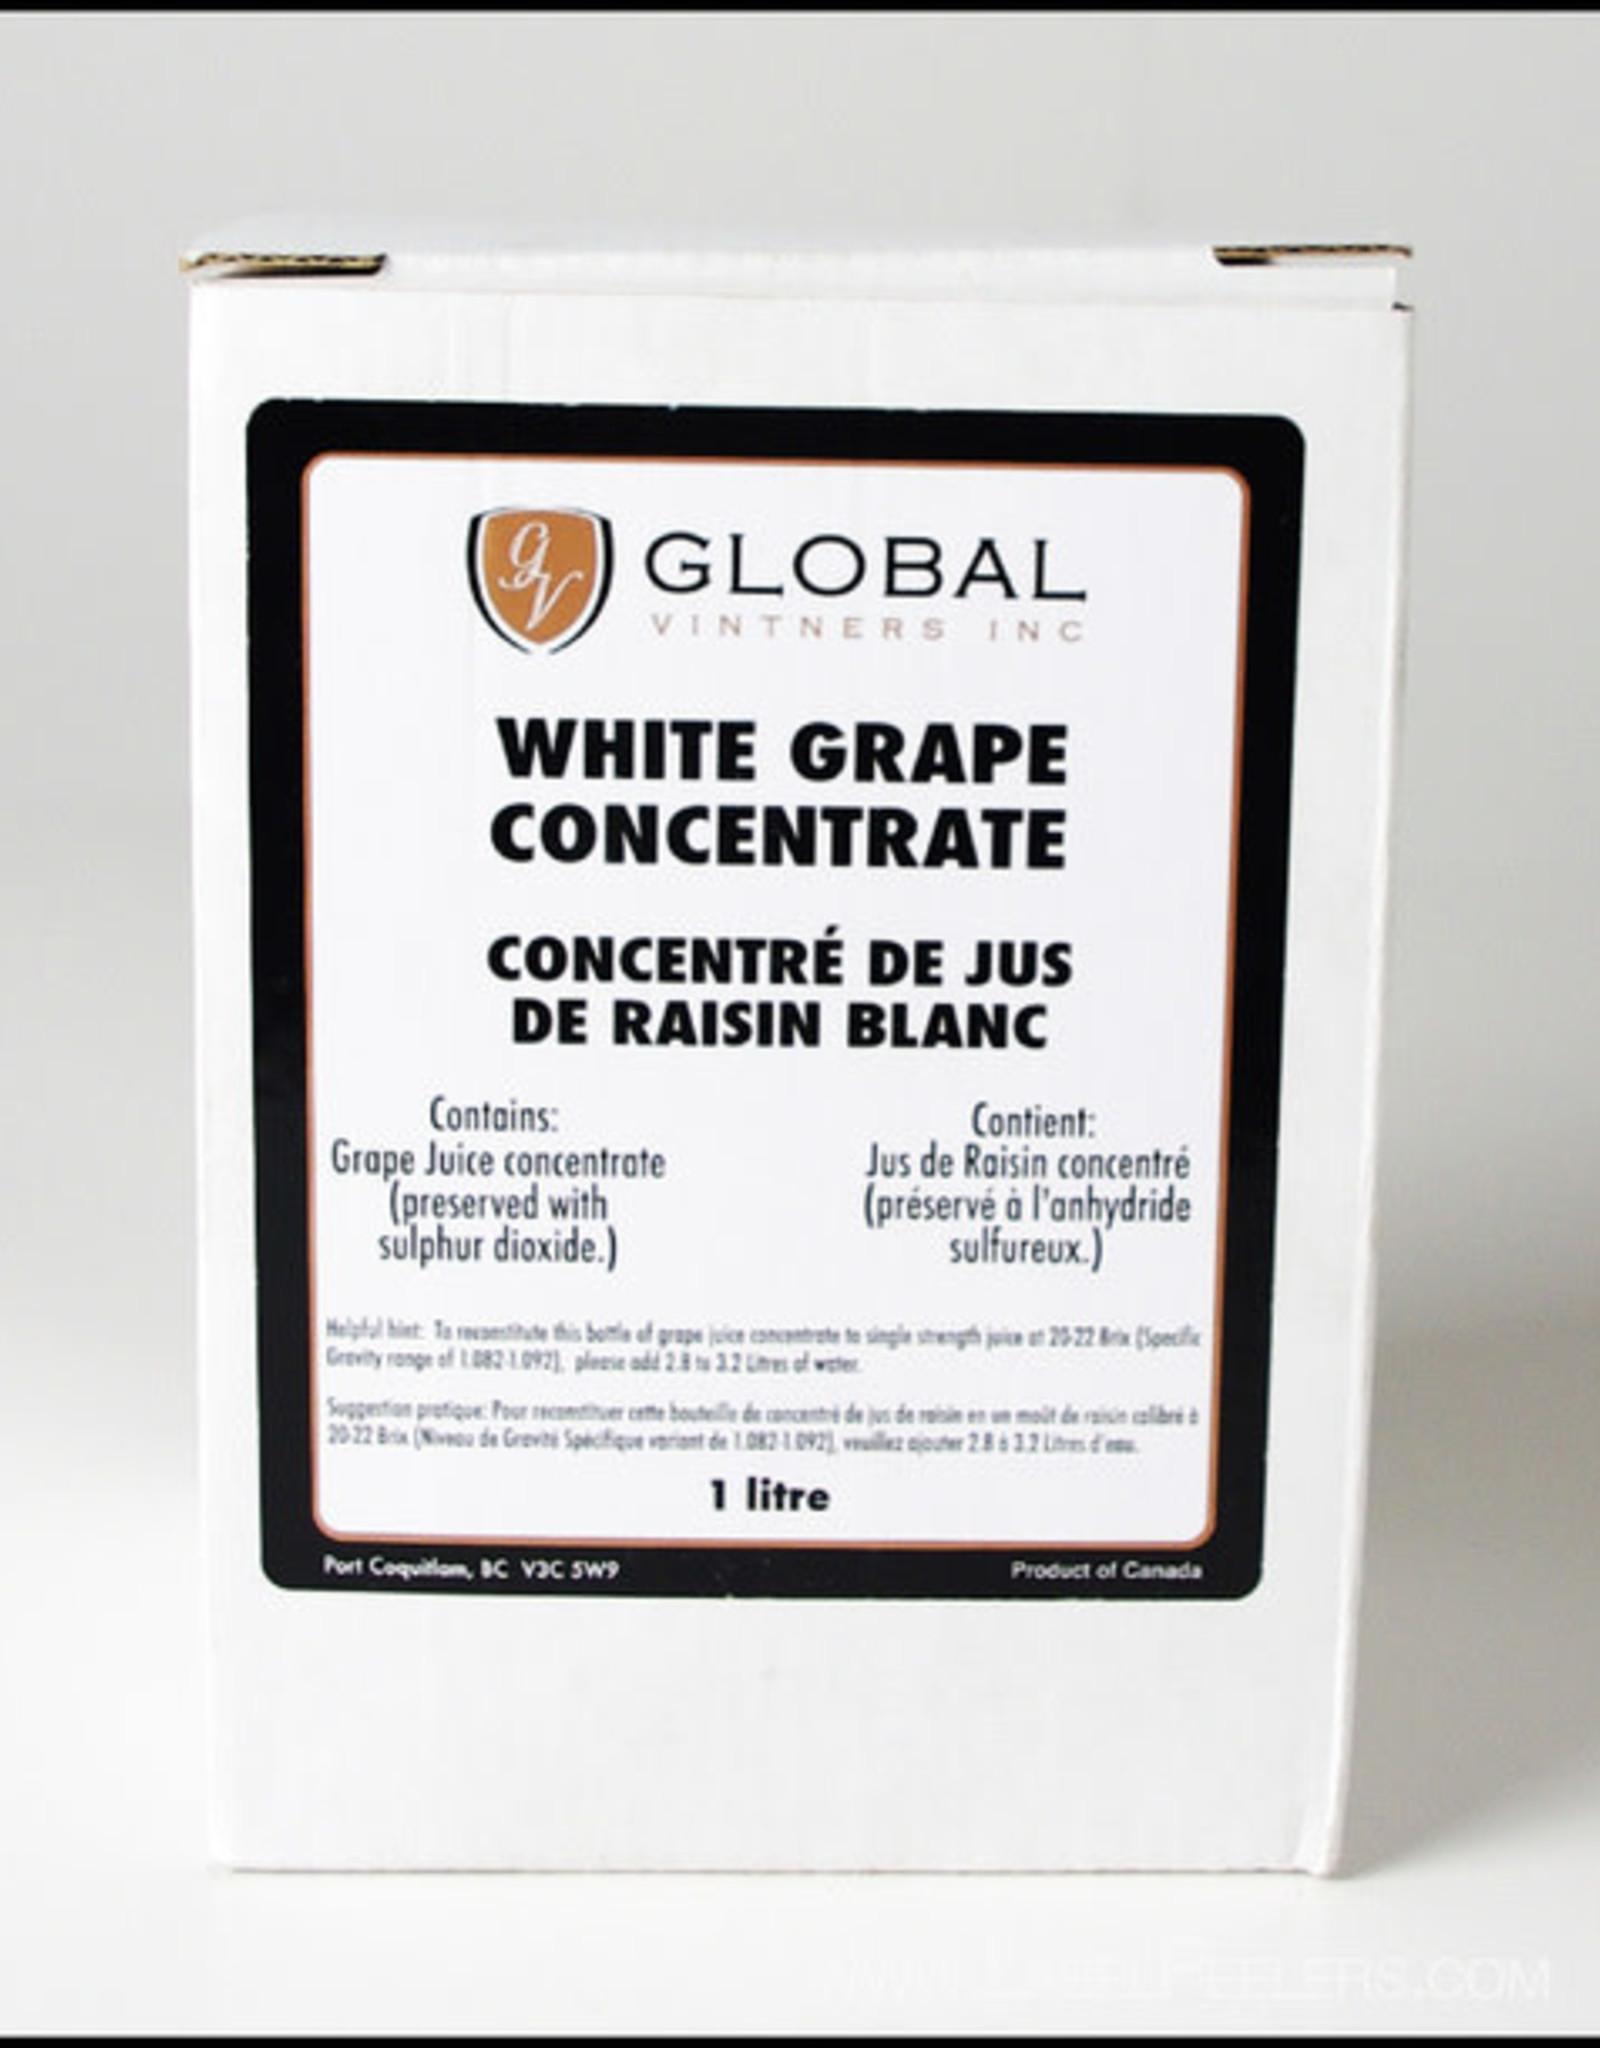 WHITE GRAPE CONCENTRATE 1 LITER